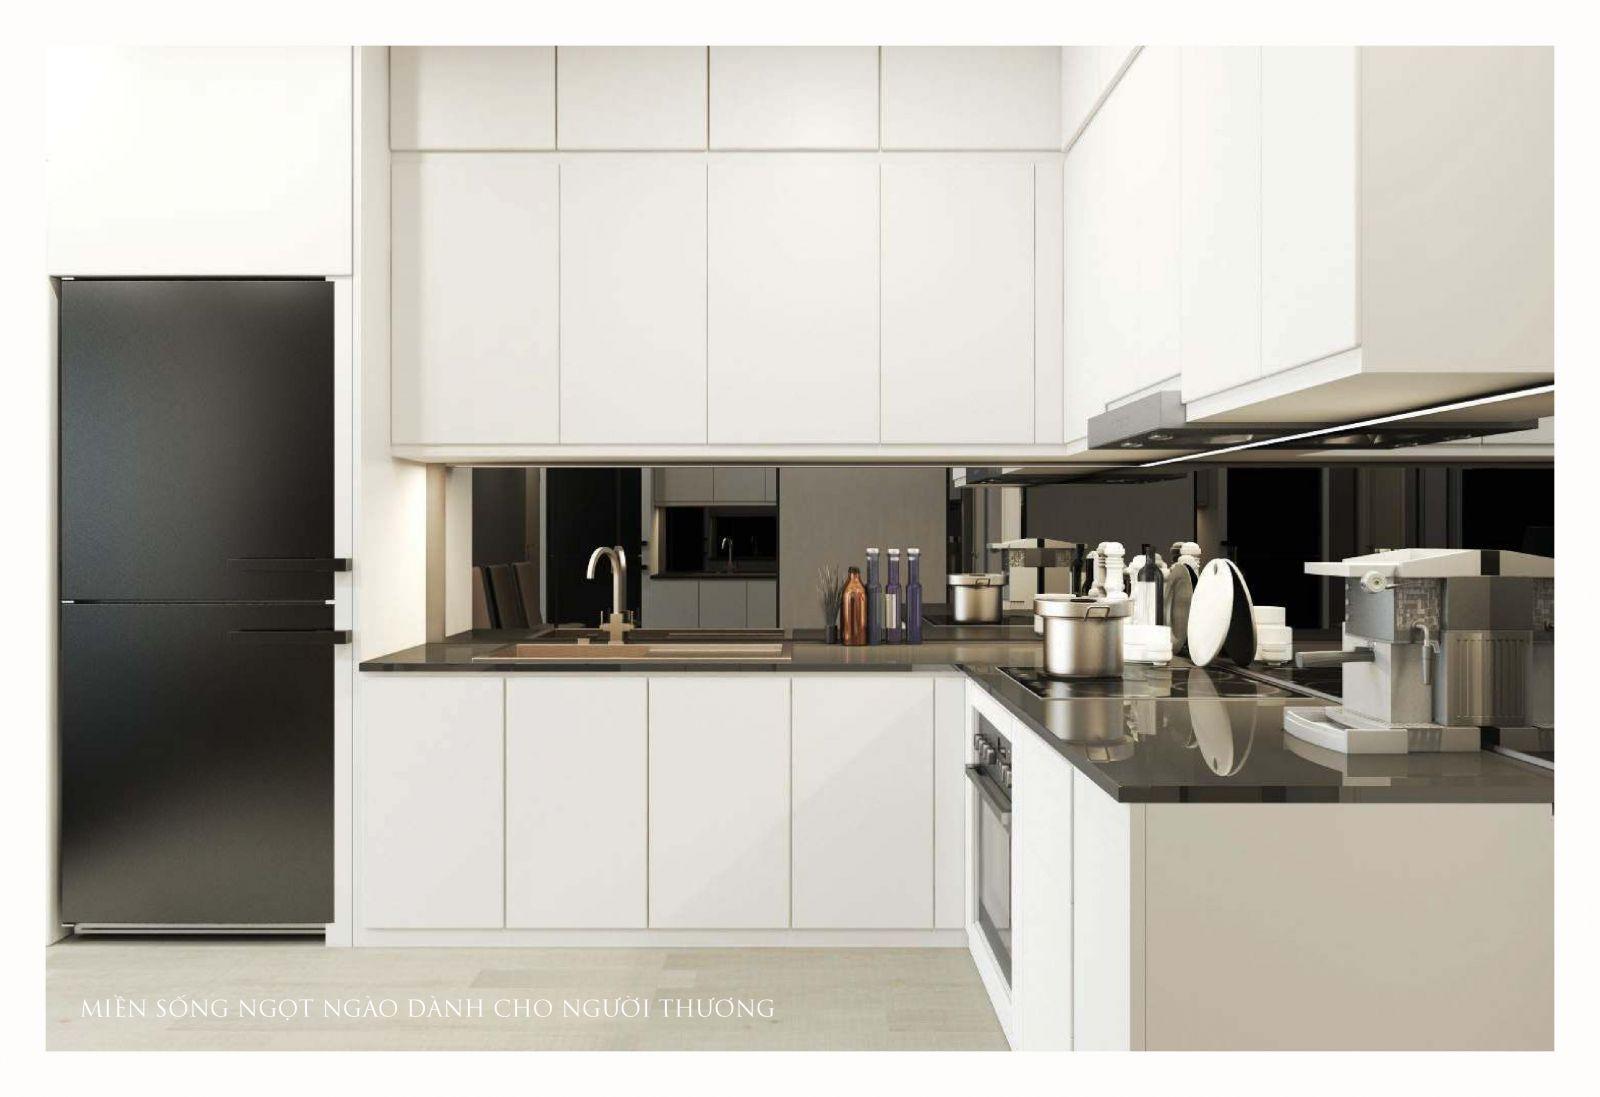 charmington iris kitchen